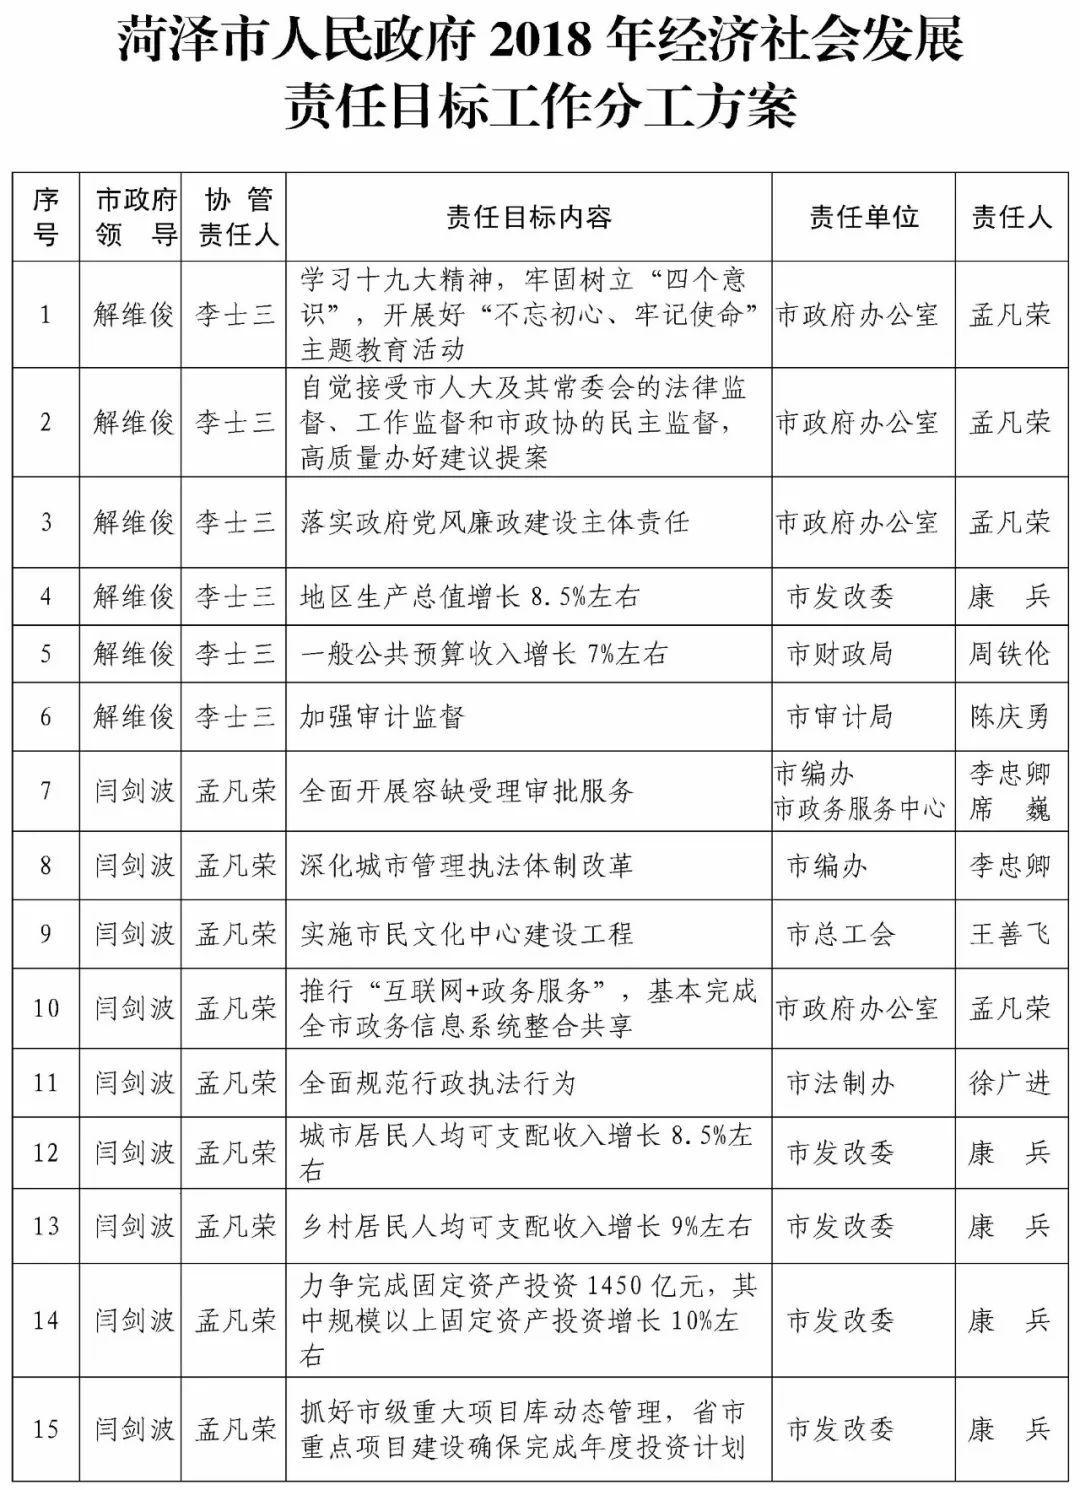 菏泽经济2018总量_2018菏泽一中蹭饭图